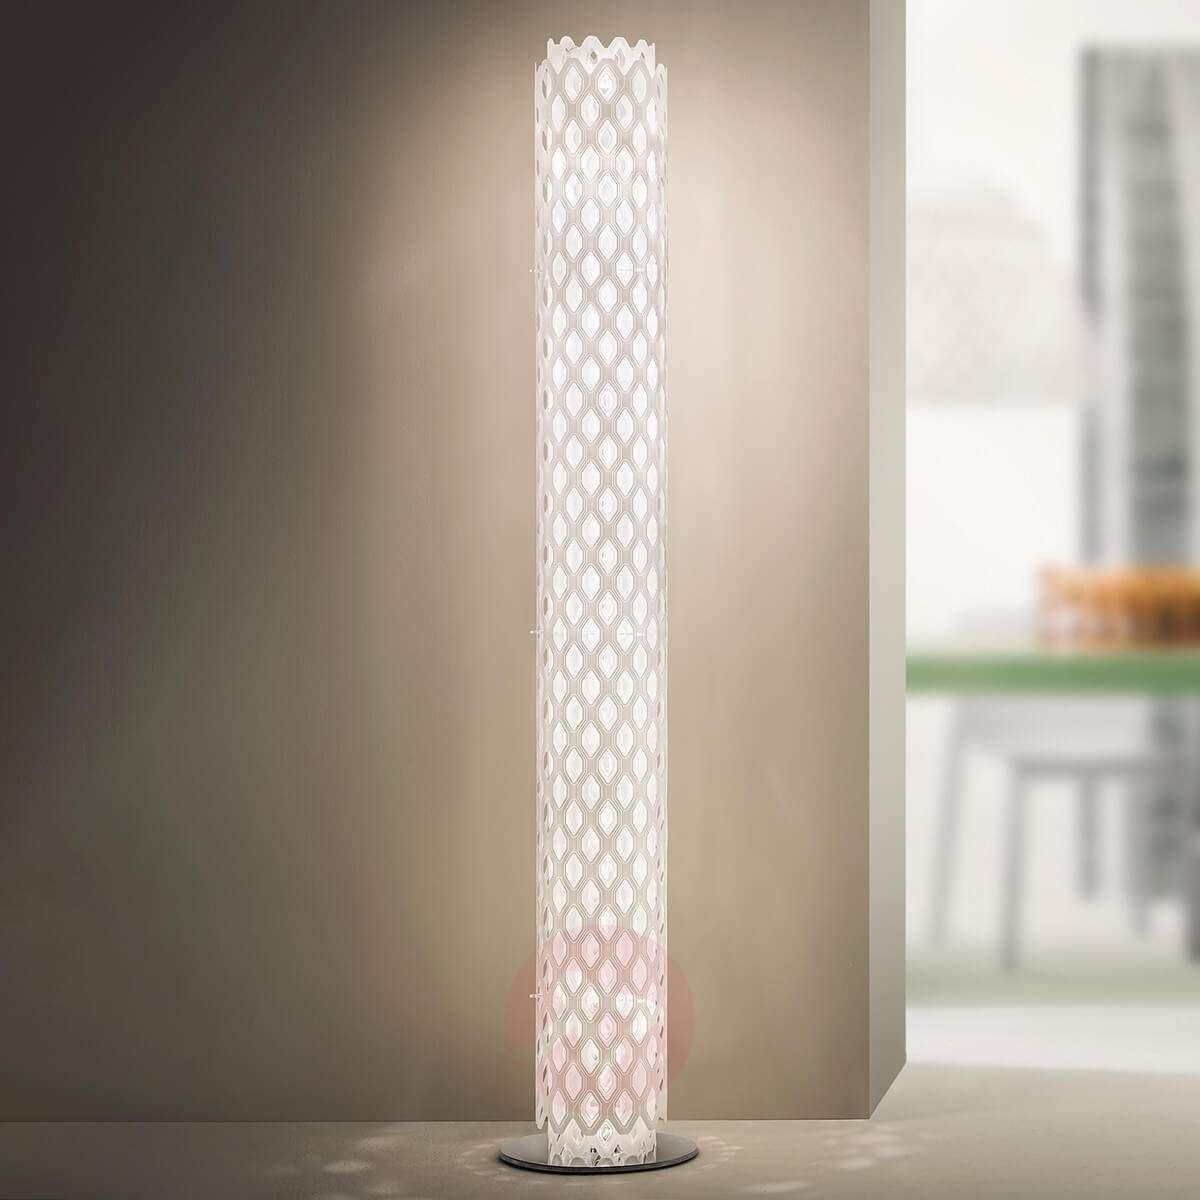 Pin On Lampy Stojace